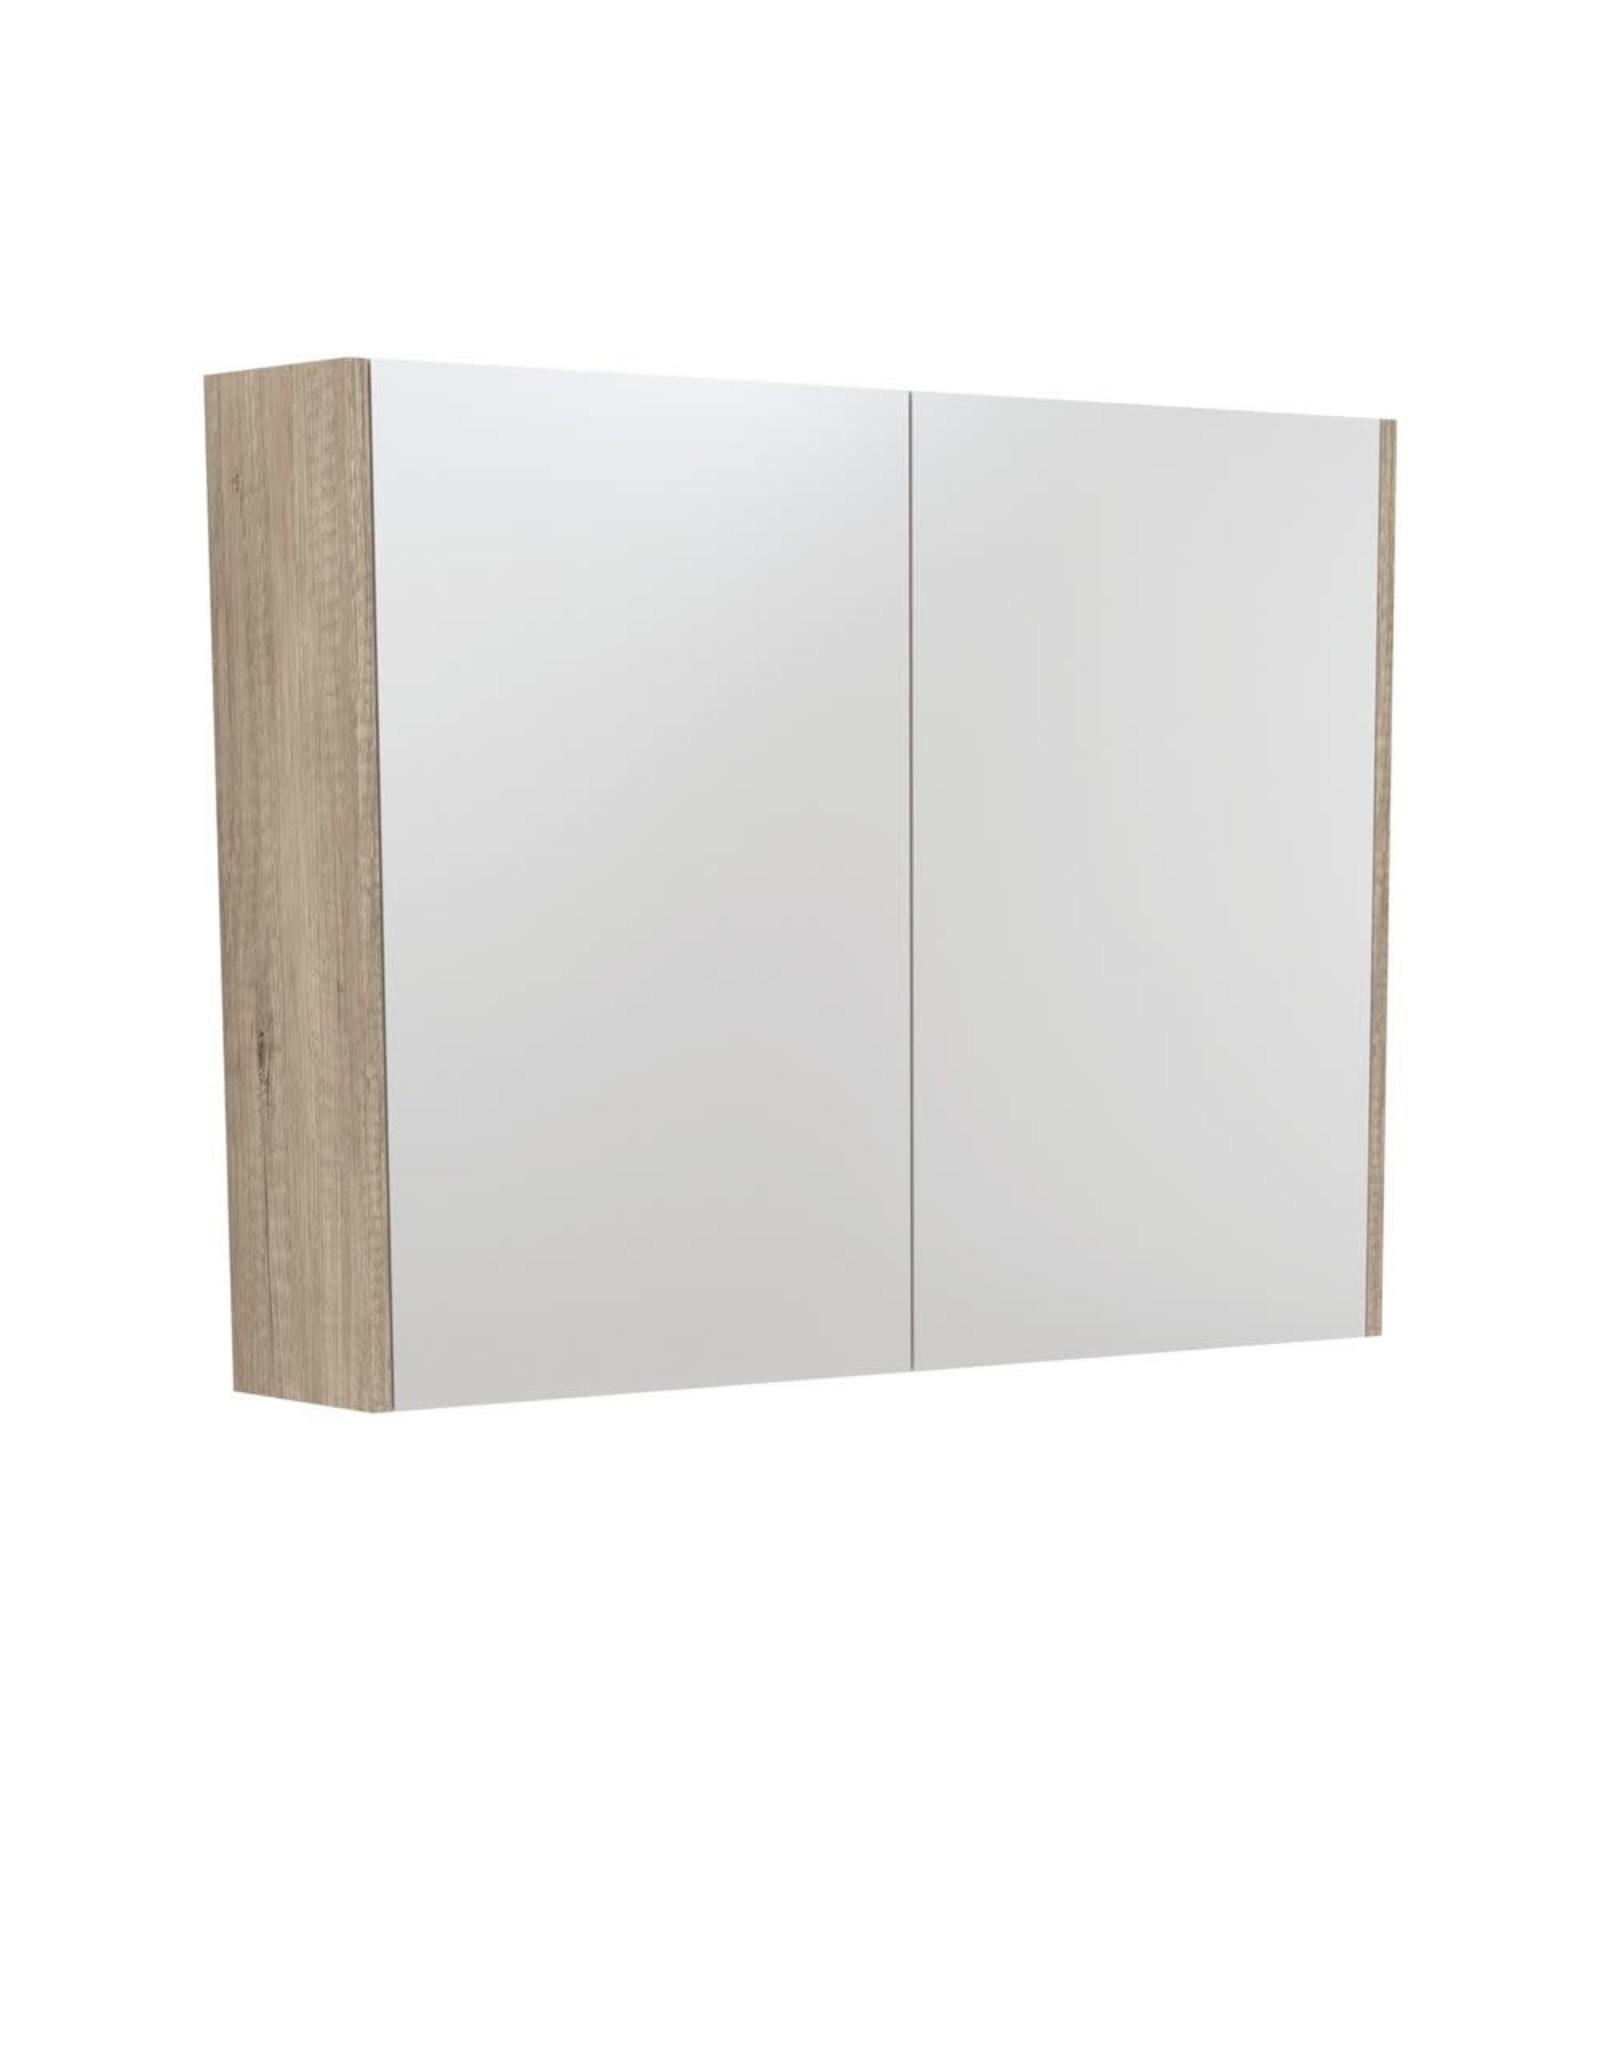 FIENZA 900mm, FIENZA, Scandi Oak Mirrored cabinet with side panels